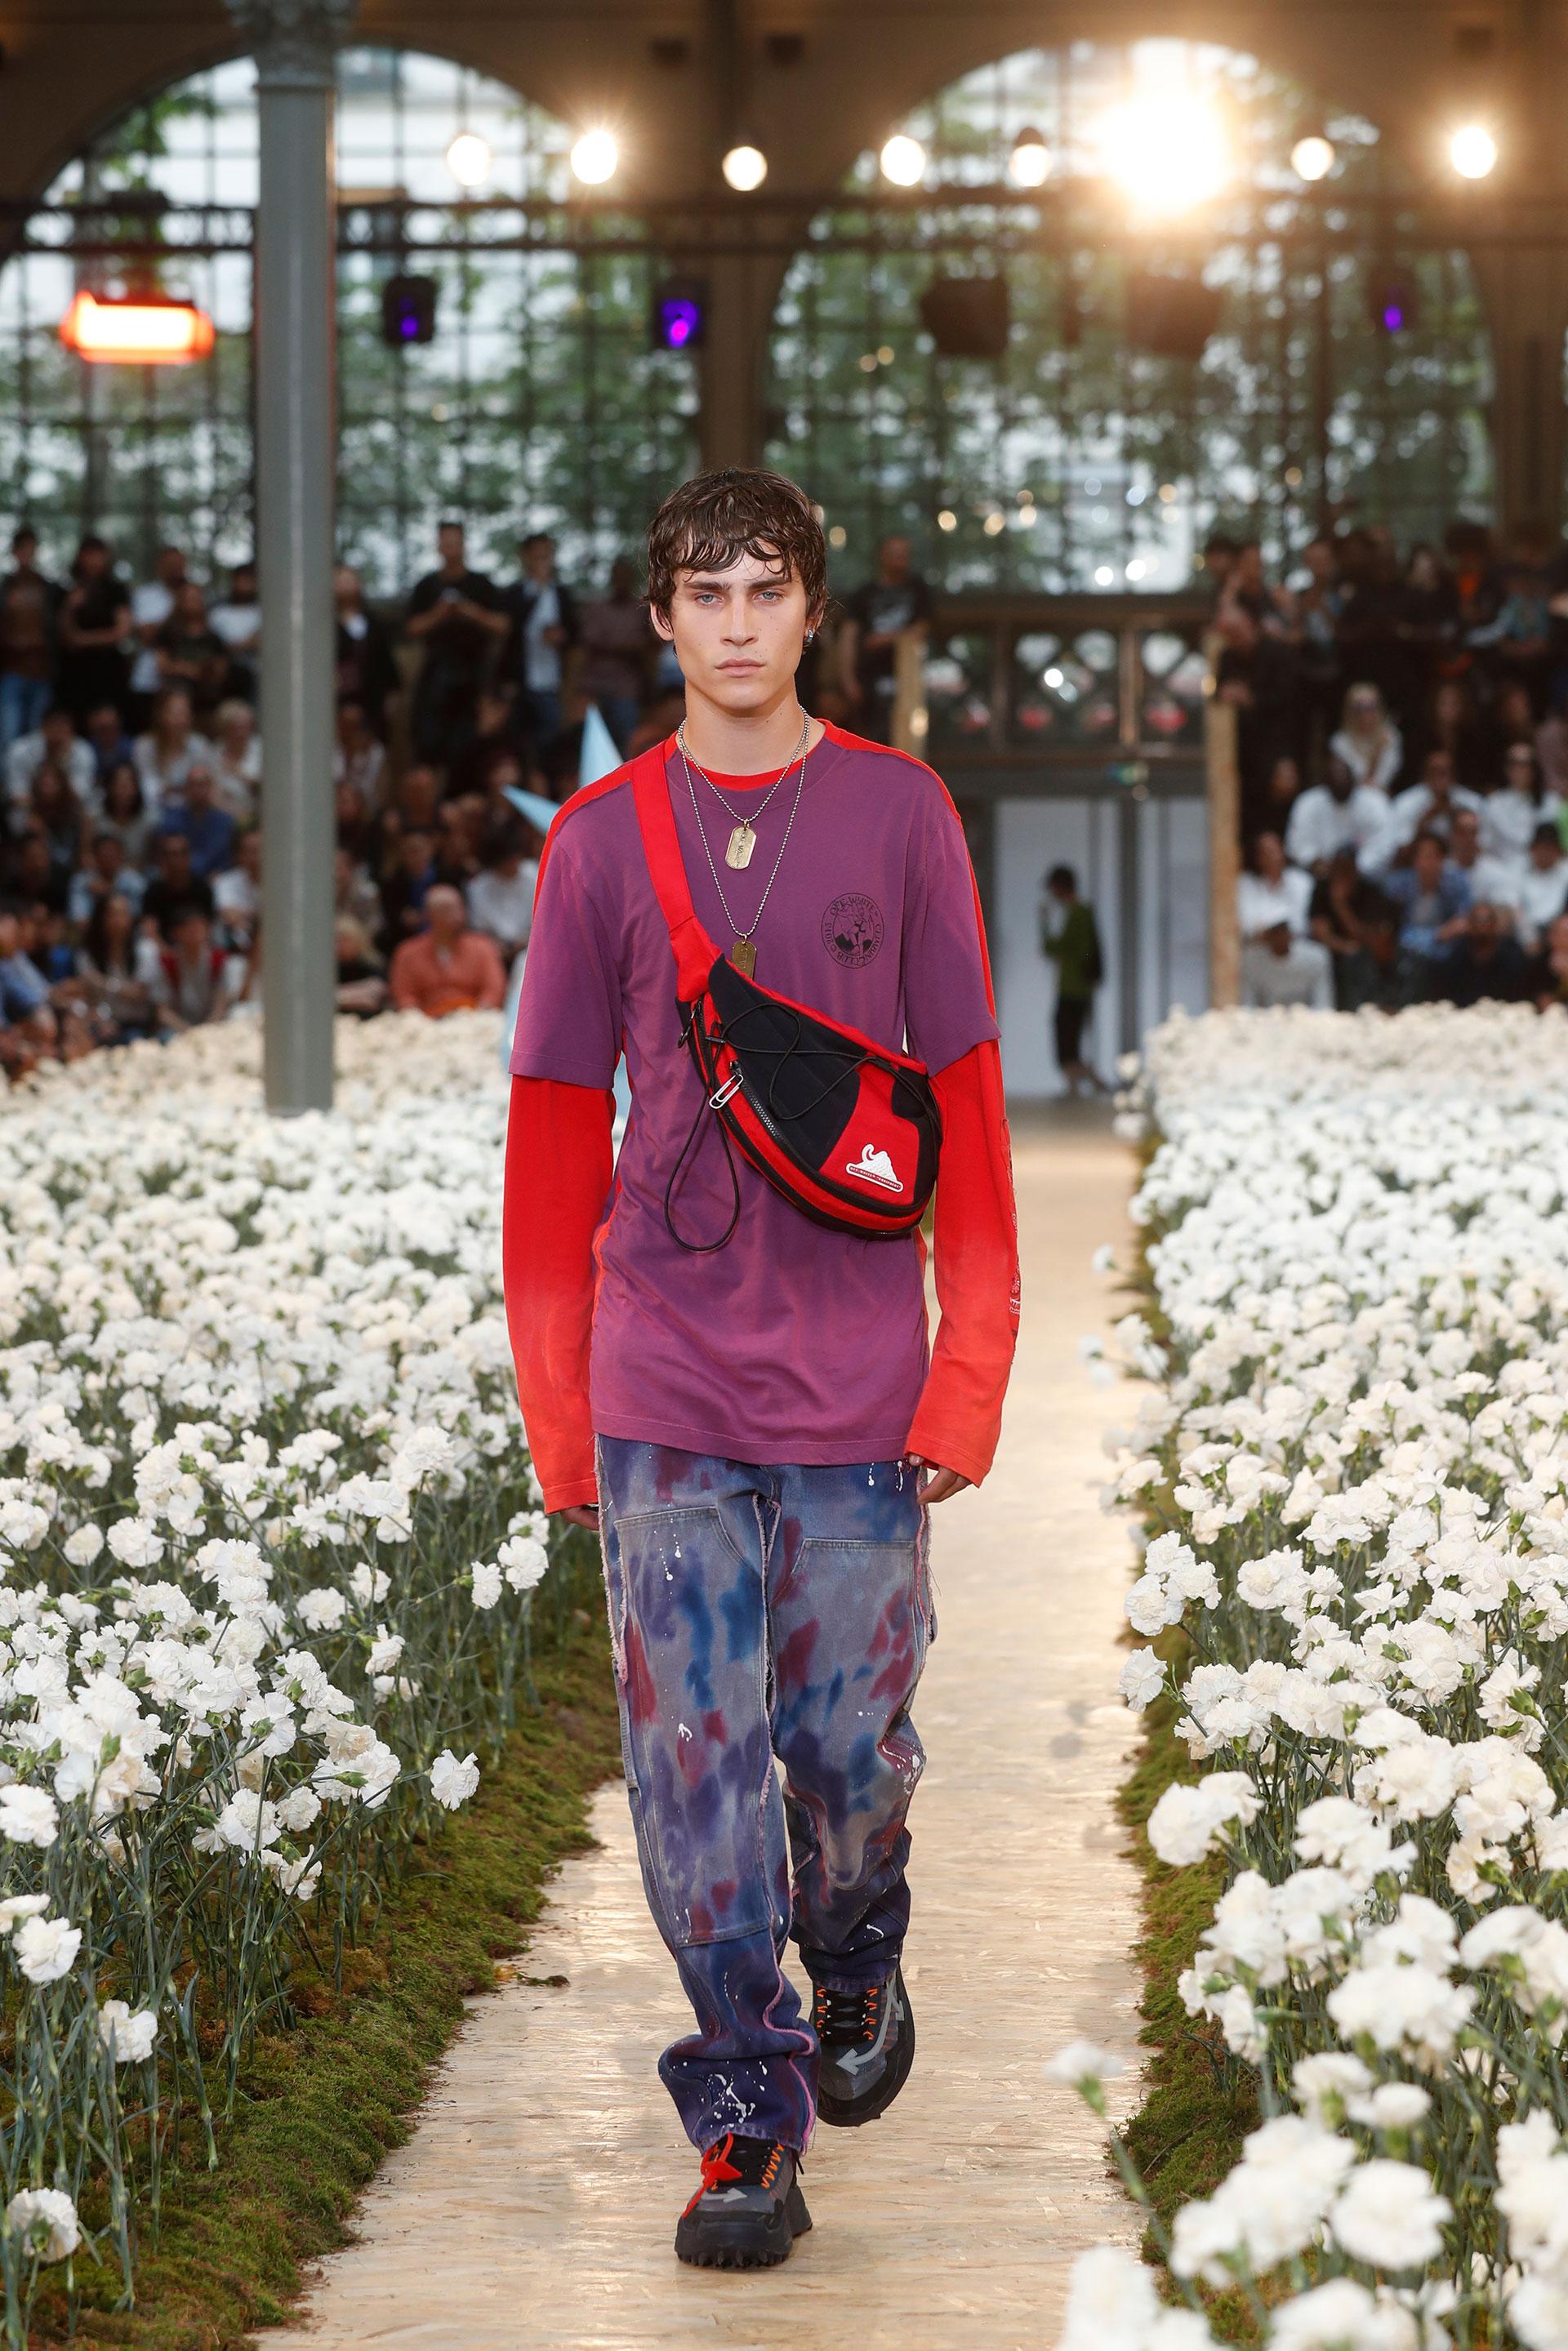 Relajado y entrecasa. De mangas largas, una remera de algodón en púrpura y rojo combinada con pantalones cargo pintados. Los accesorios fashionistas, una riñonera, las ugly shoes de hombres y collares con chapas